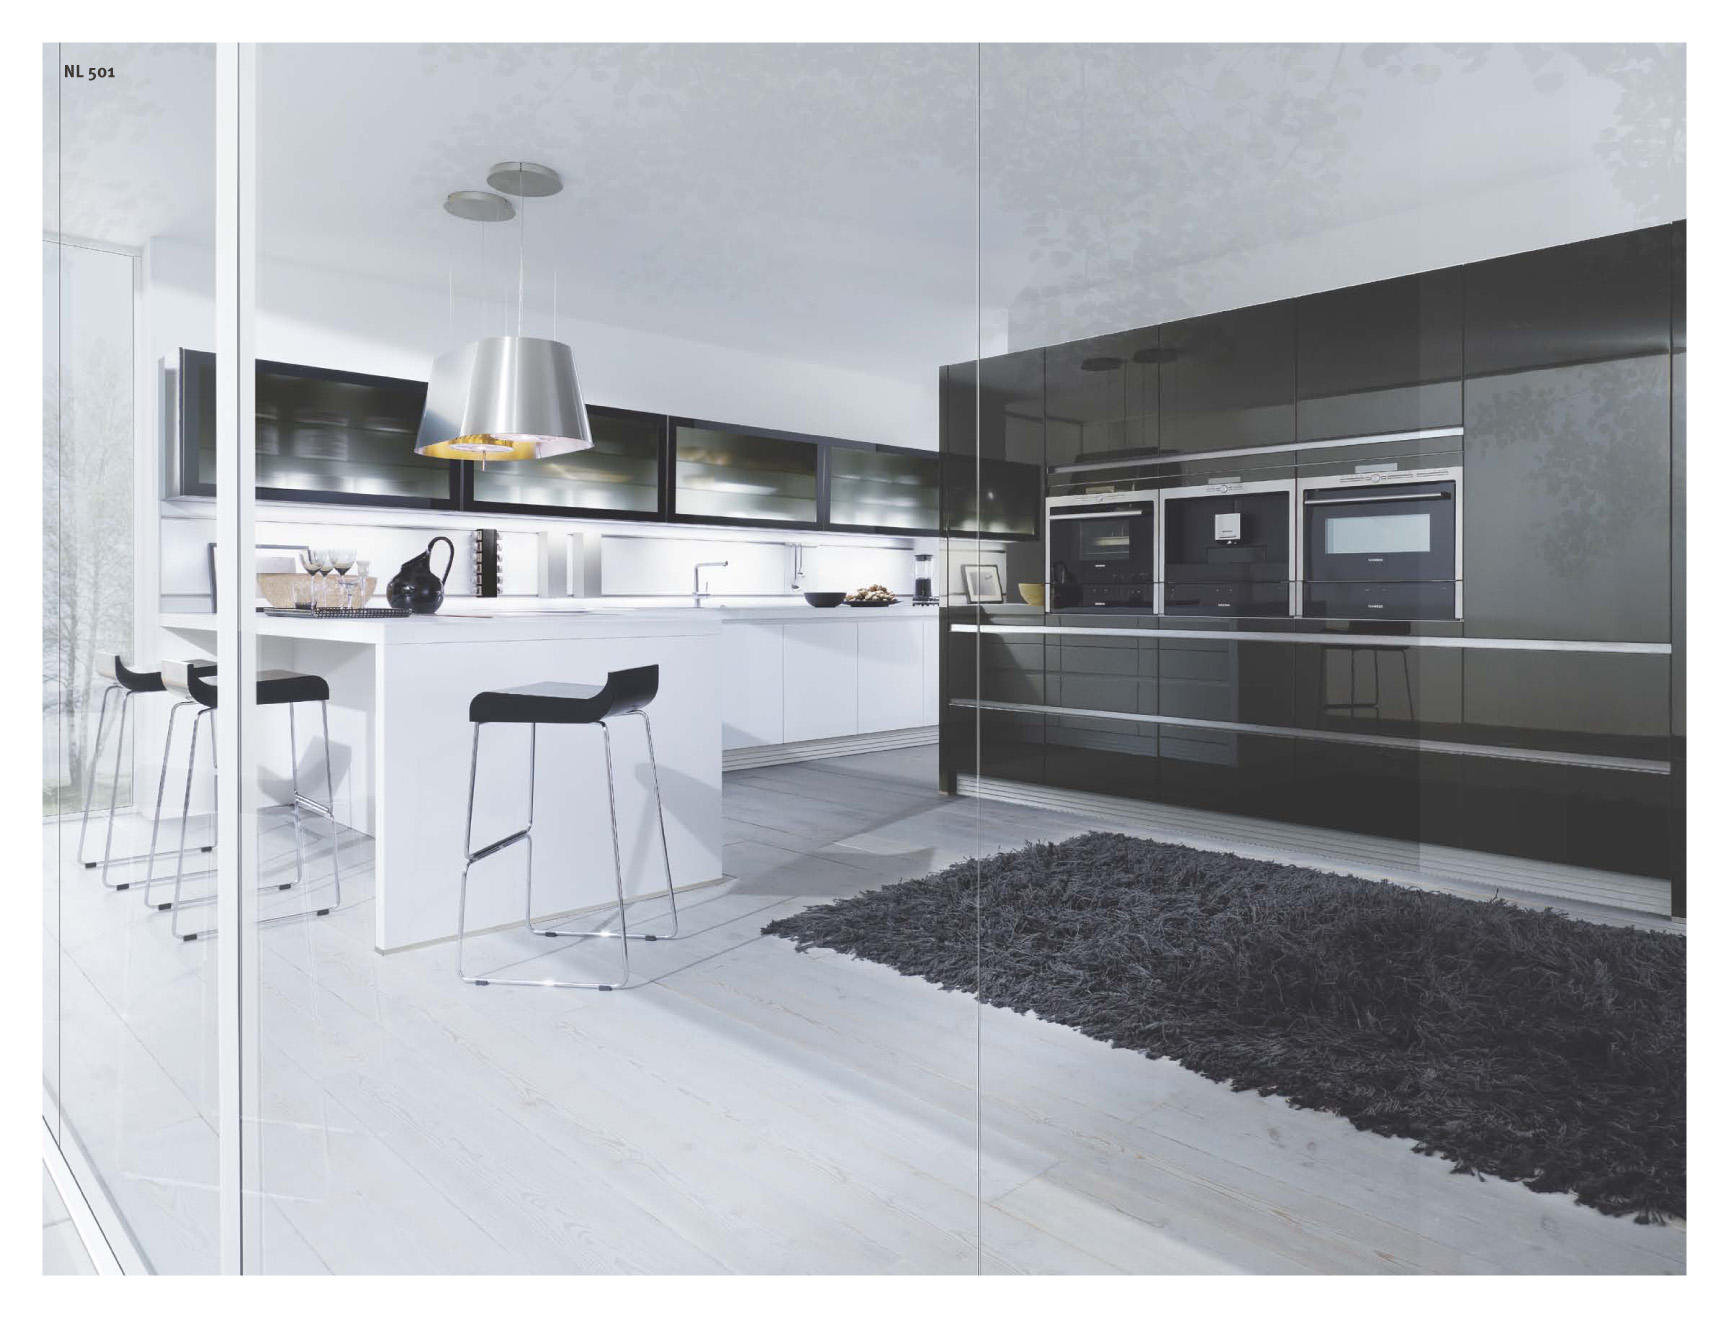 Next Nastepna Generacja Wyposazenia Kuchni W House Of Kitchen Max